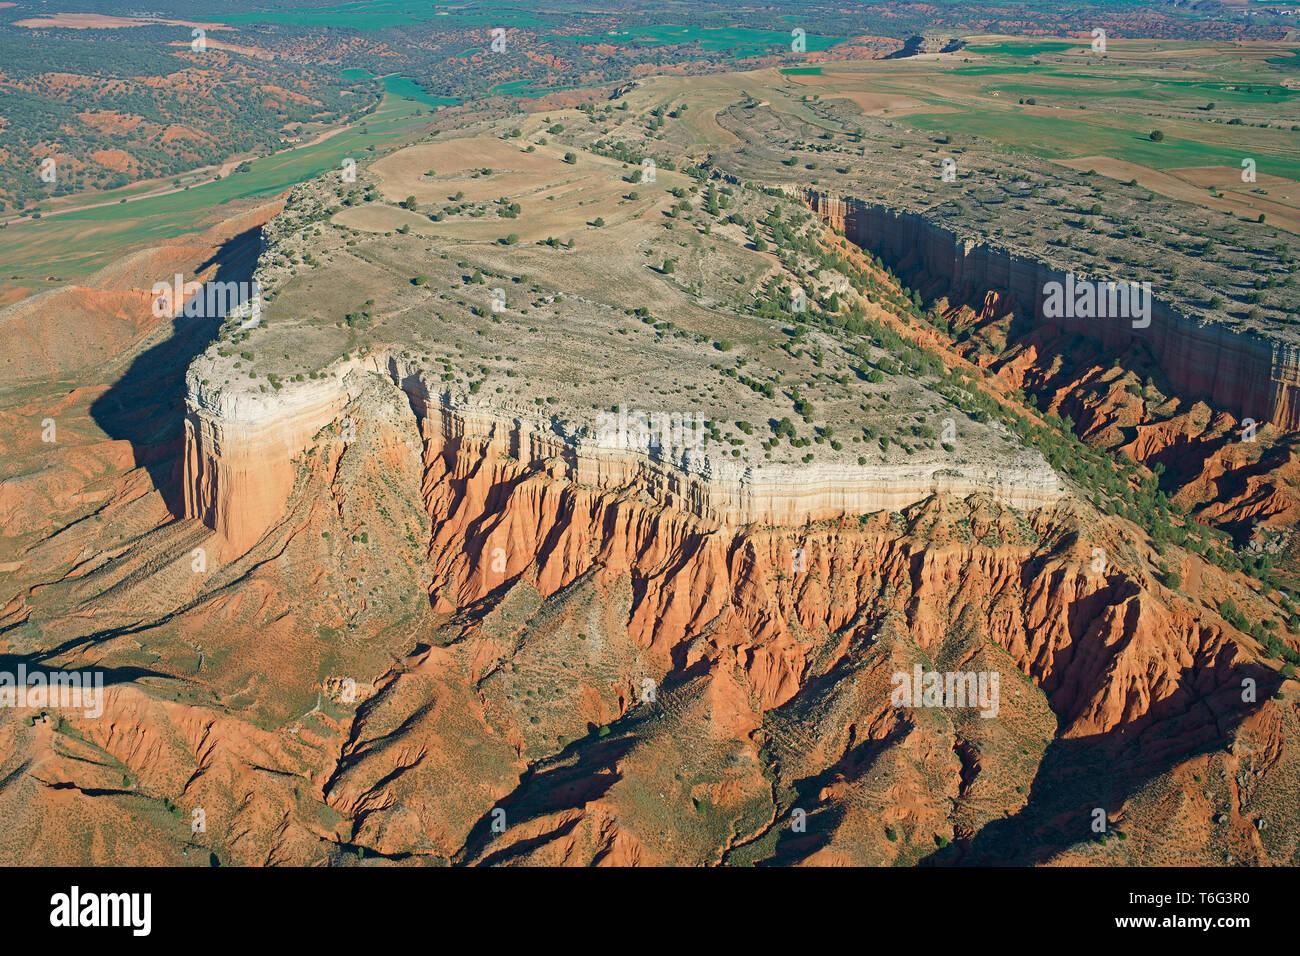 SEMI-ARID MESA WITH ITS CLIFF OF MULTICOLORED STRATA (aerial view). Cañon Rojo (also known as Rambla de Barrachina), Teruel, Aragon, Spain. - Stock Image